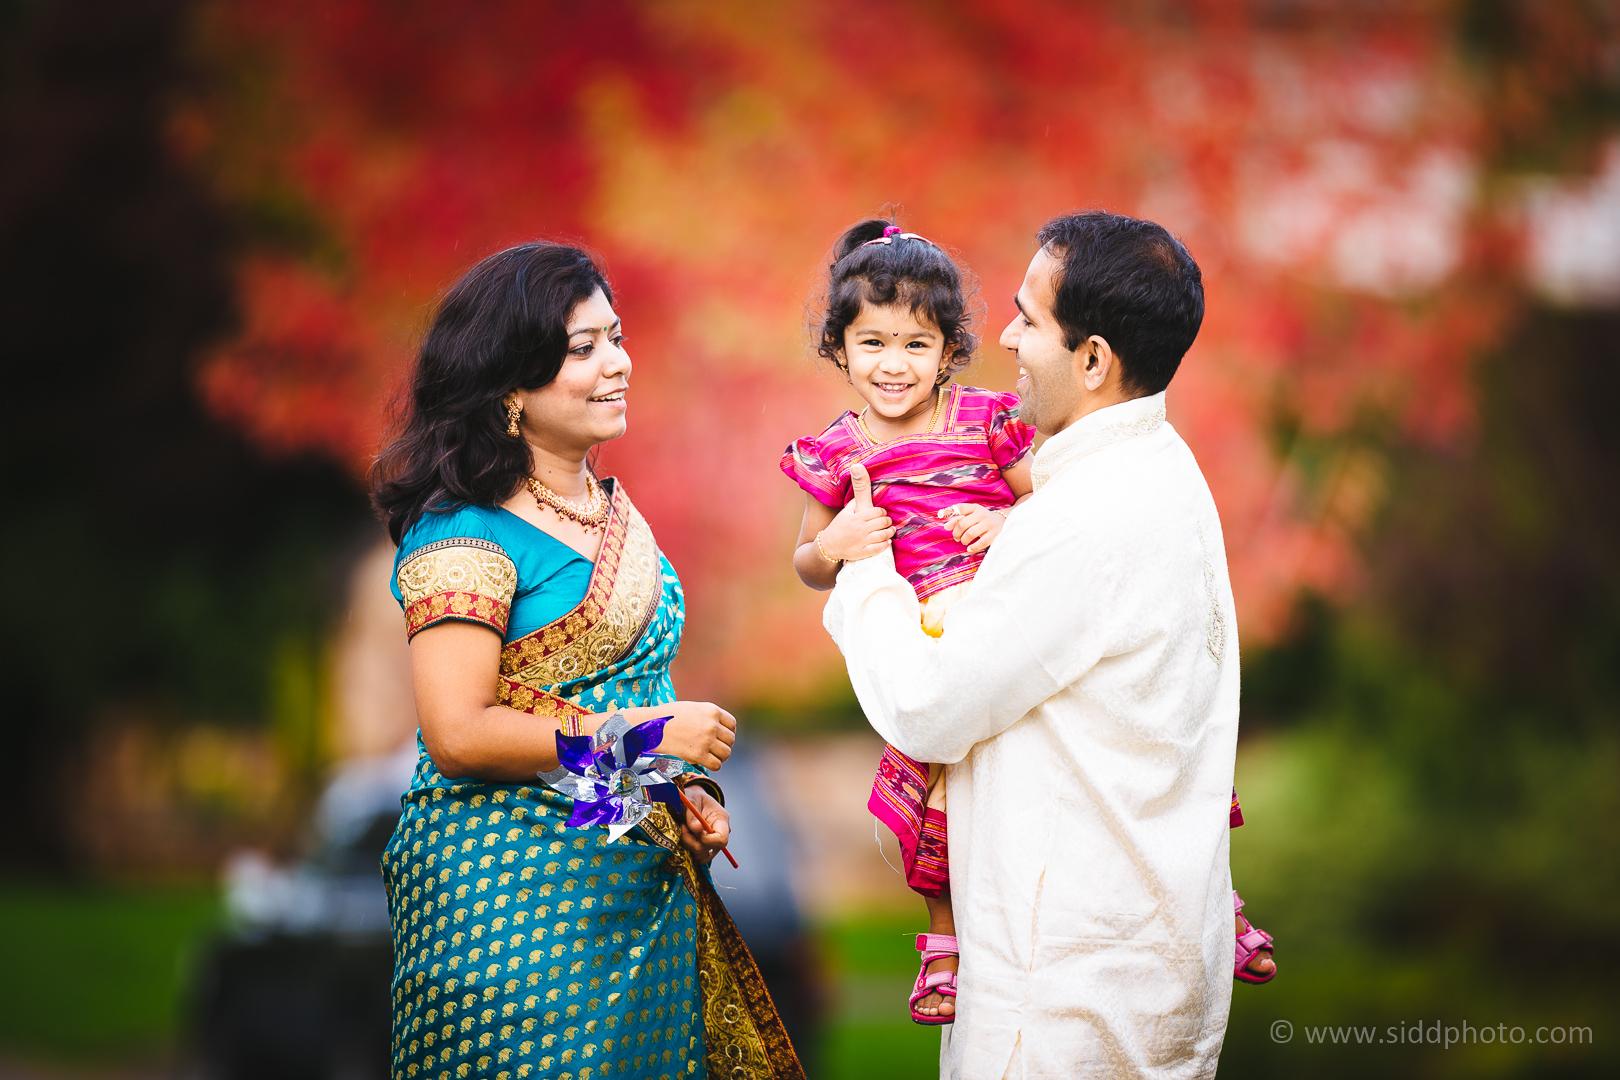 2014-10-24 - 2014-10-25 - Mugdha Aniruddha Family - _O5C7736